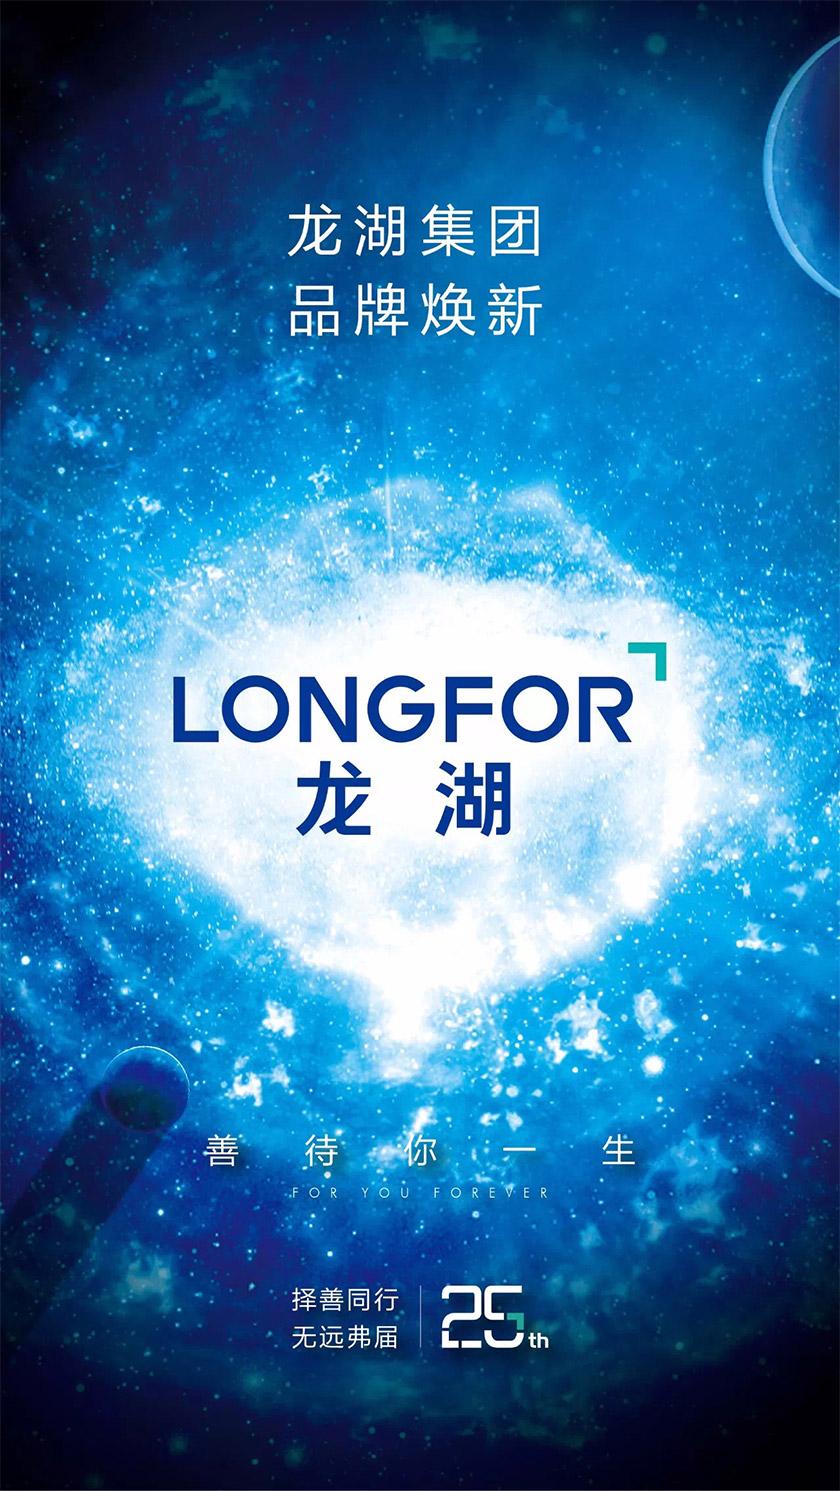 龙湖地产启用新logo5.jpg